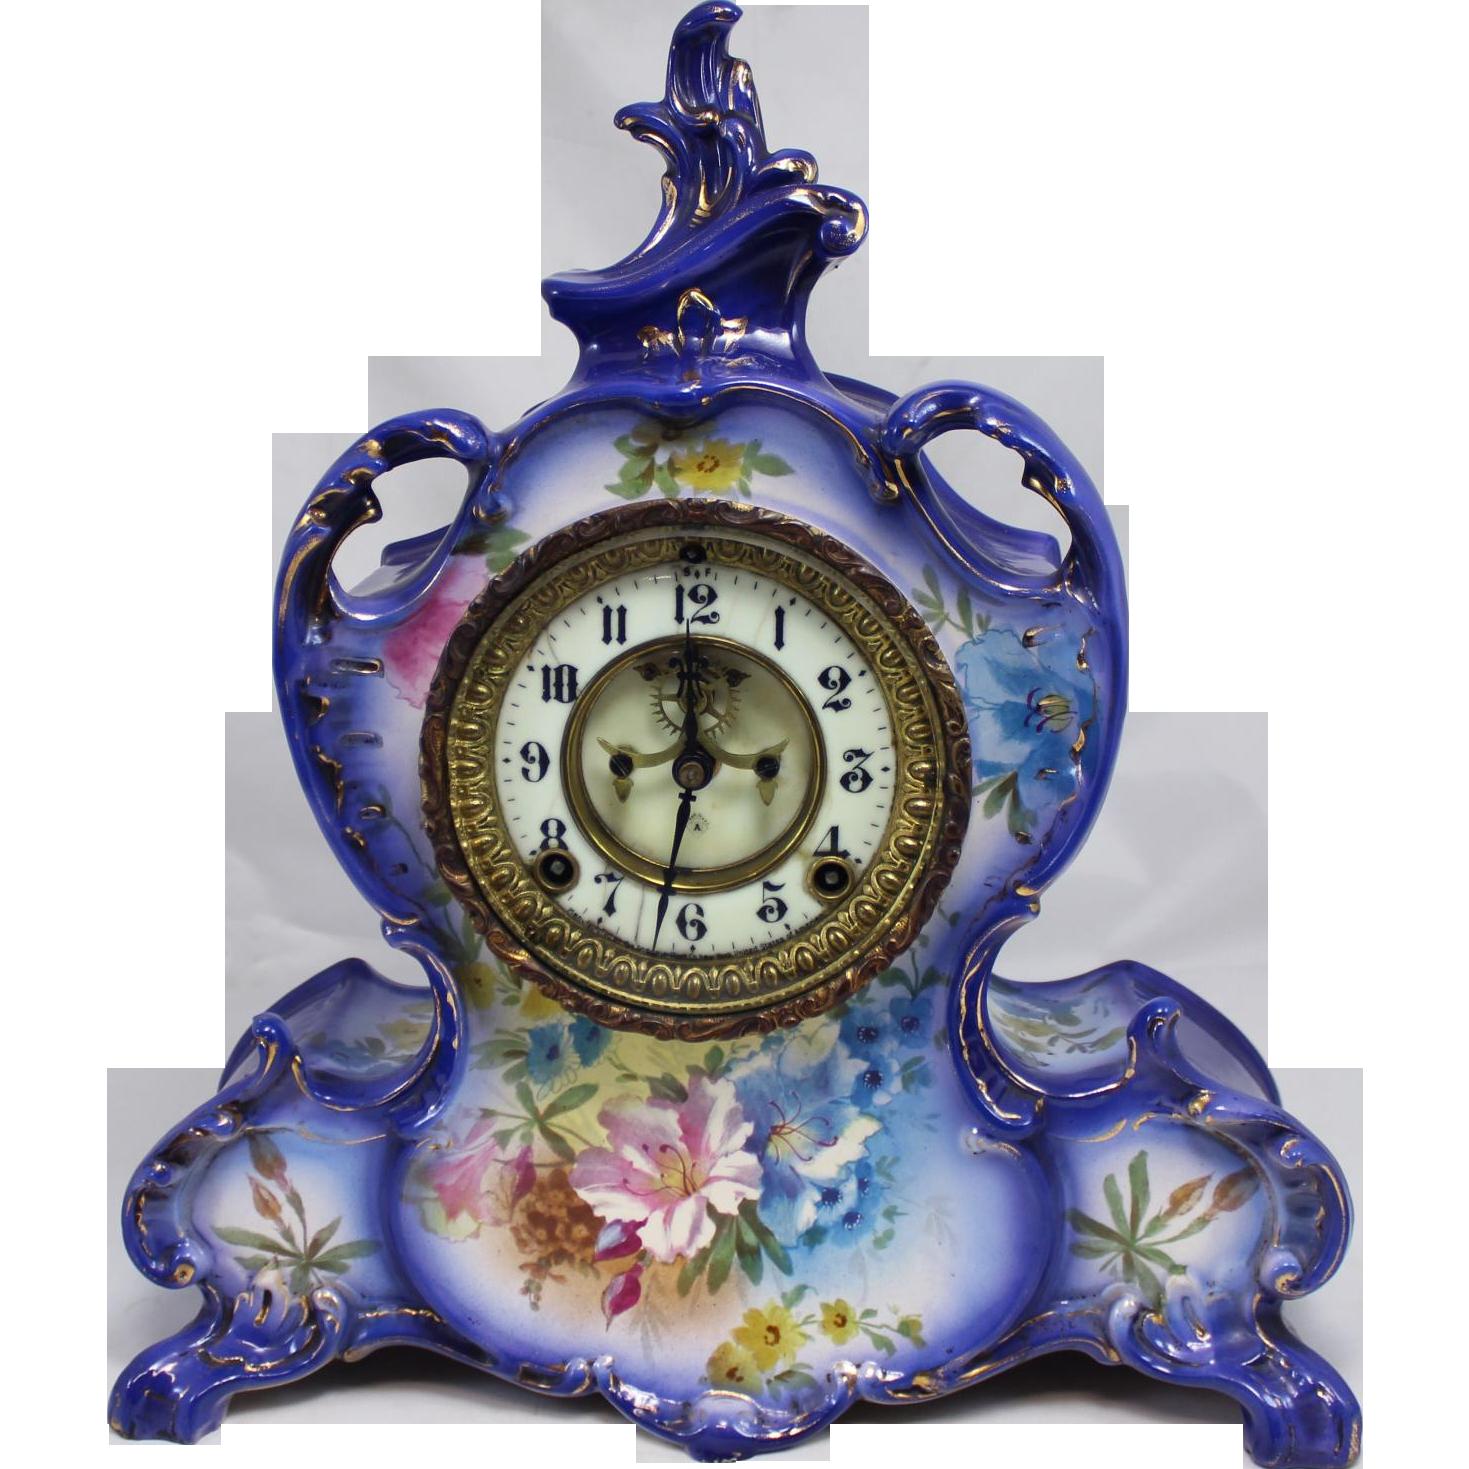 Ansonia Mantle Clock in Royal Bonn La Vendee Polychrome Porcelain Case circa 1900